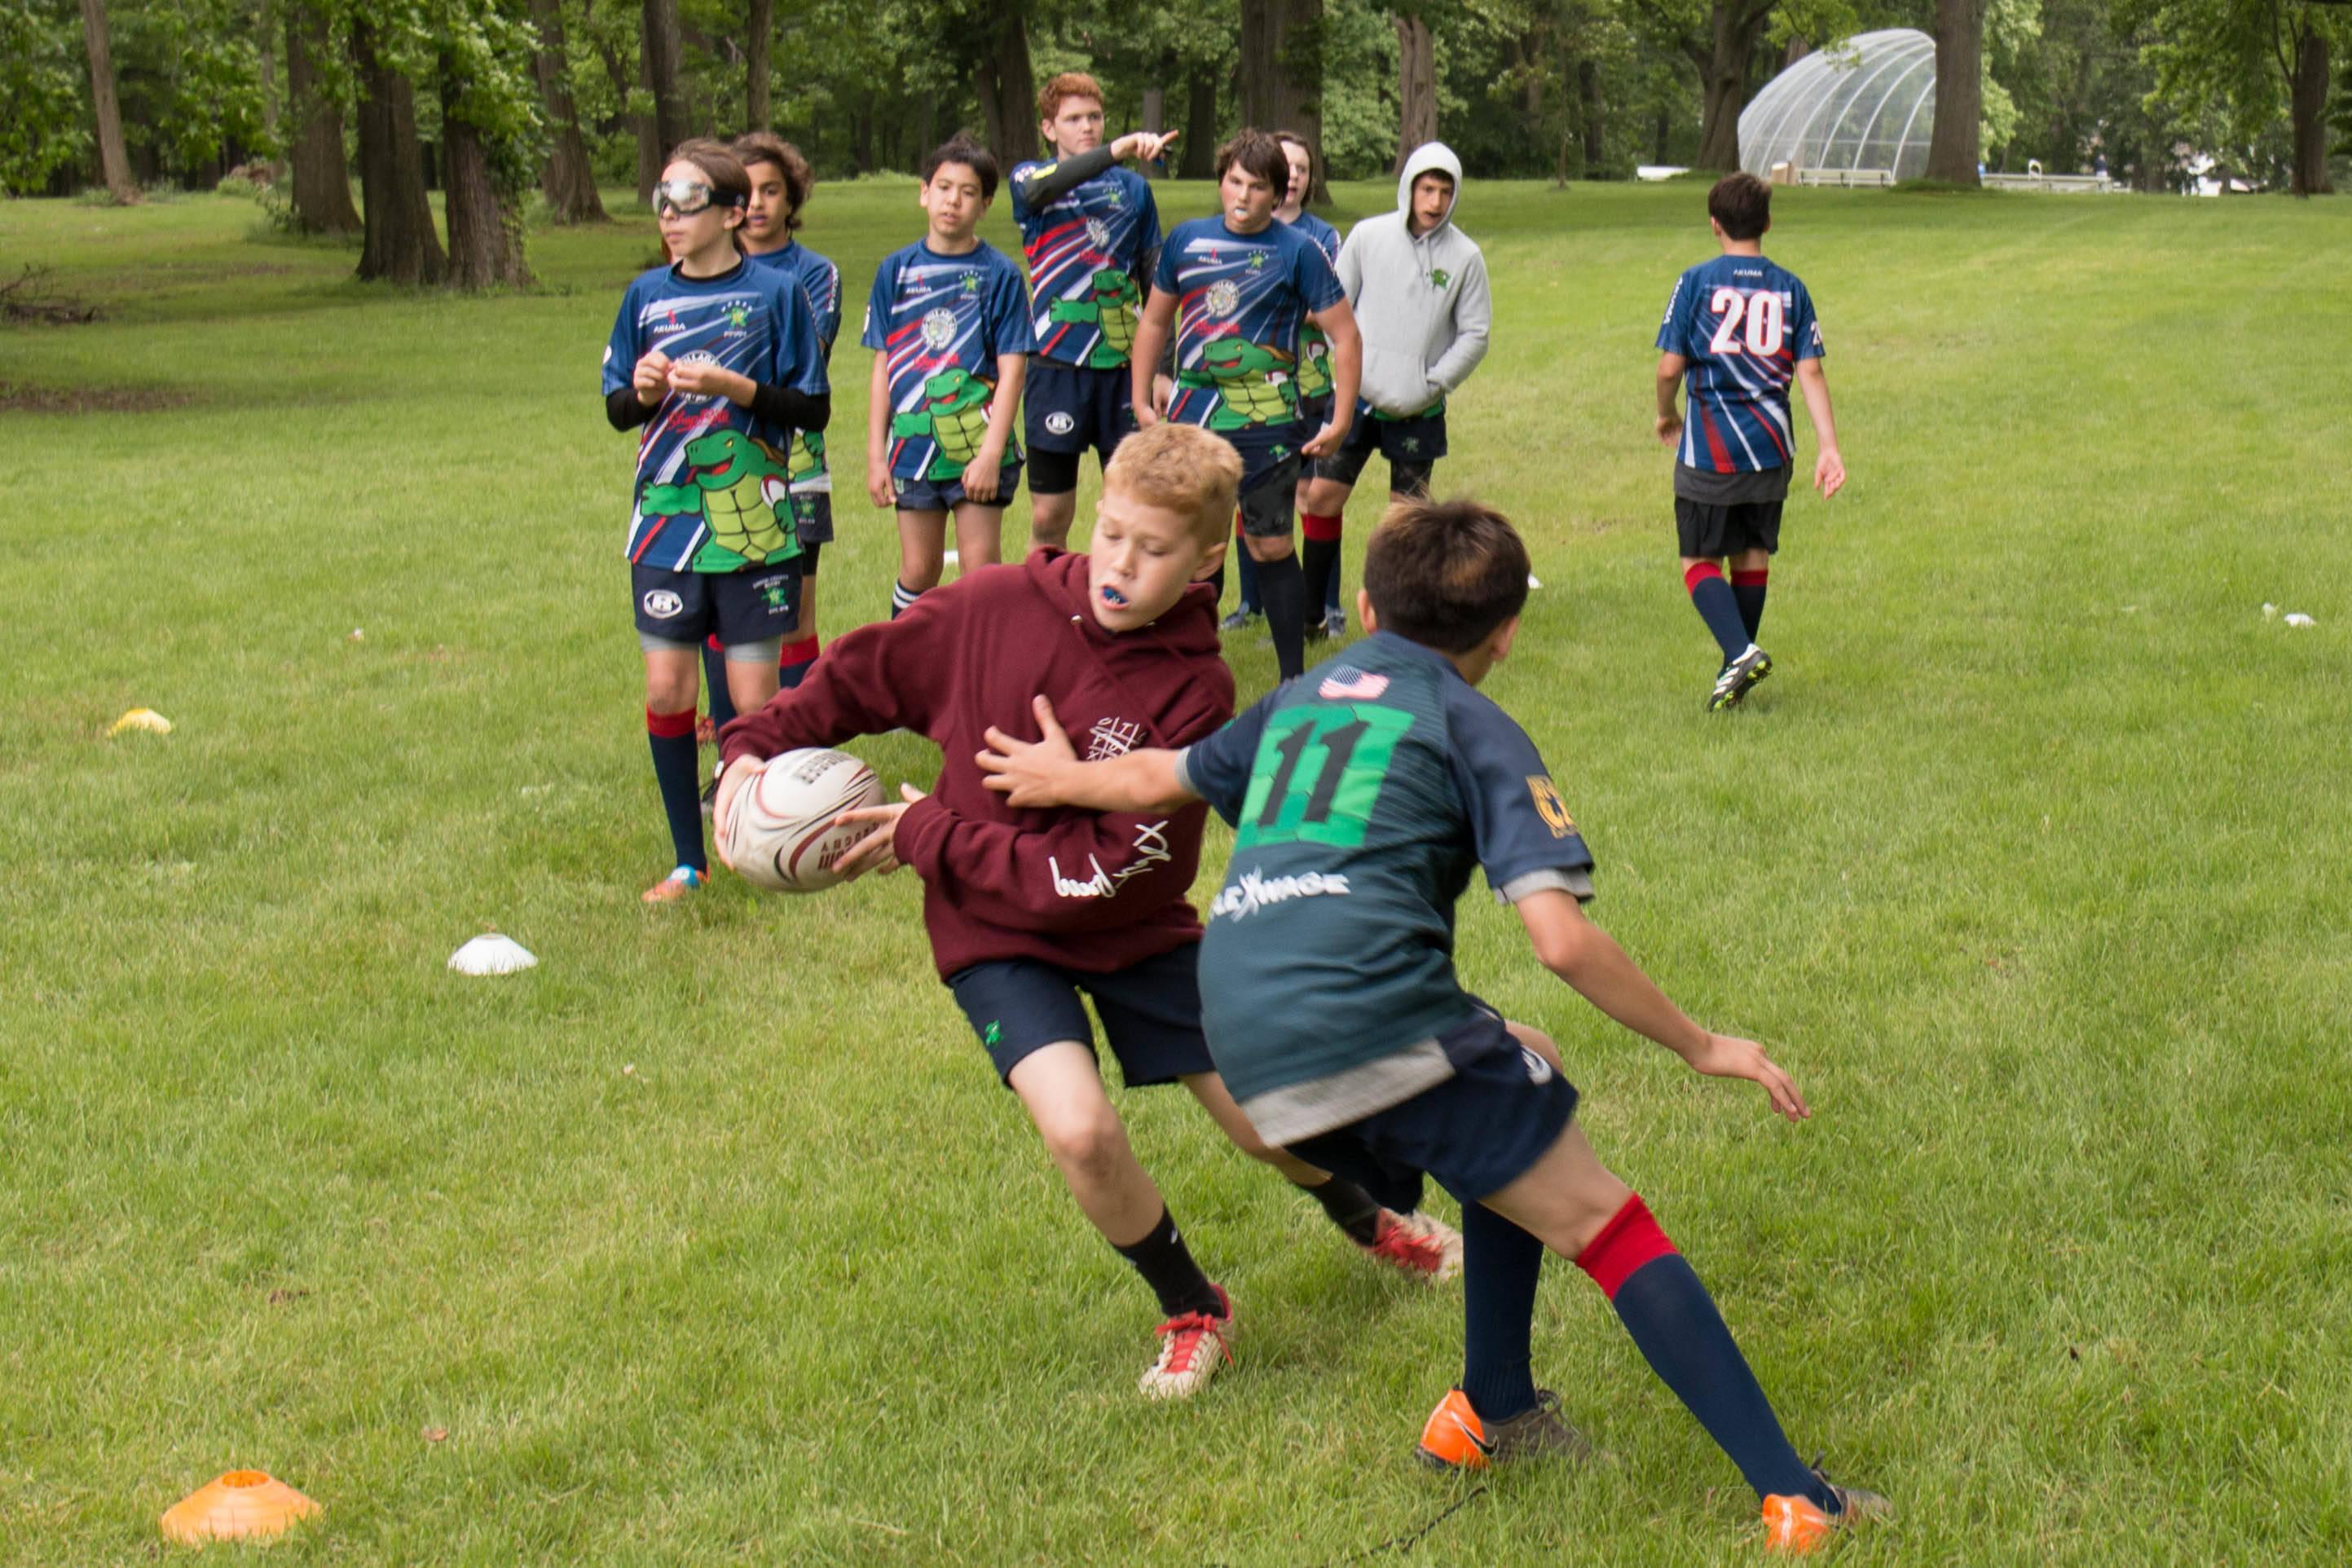 08ff3e221eedafe1fab7_rugby11.jpg